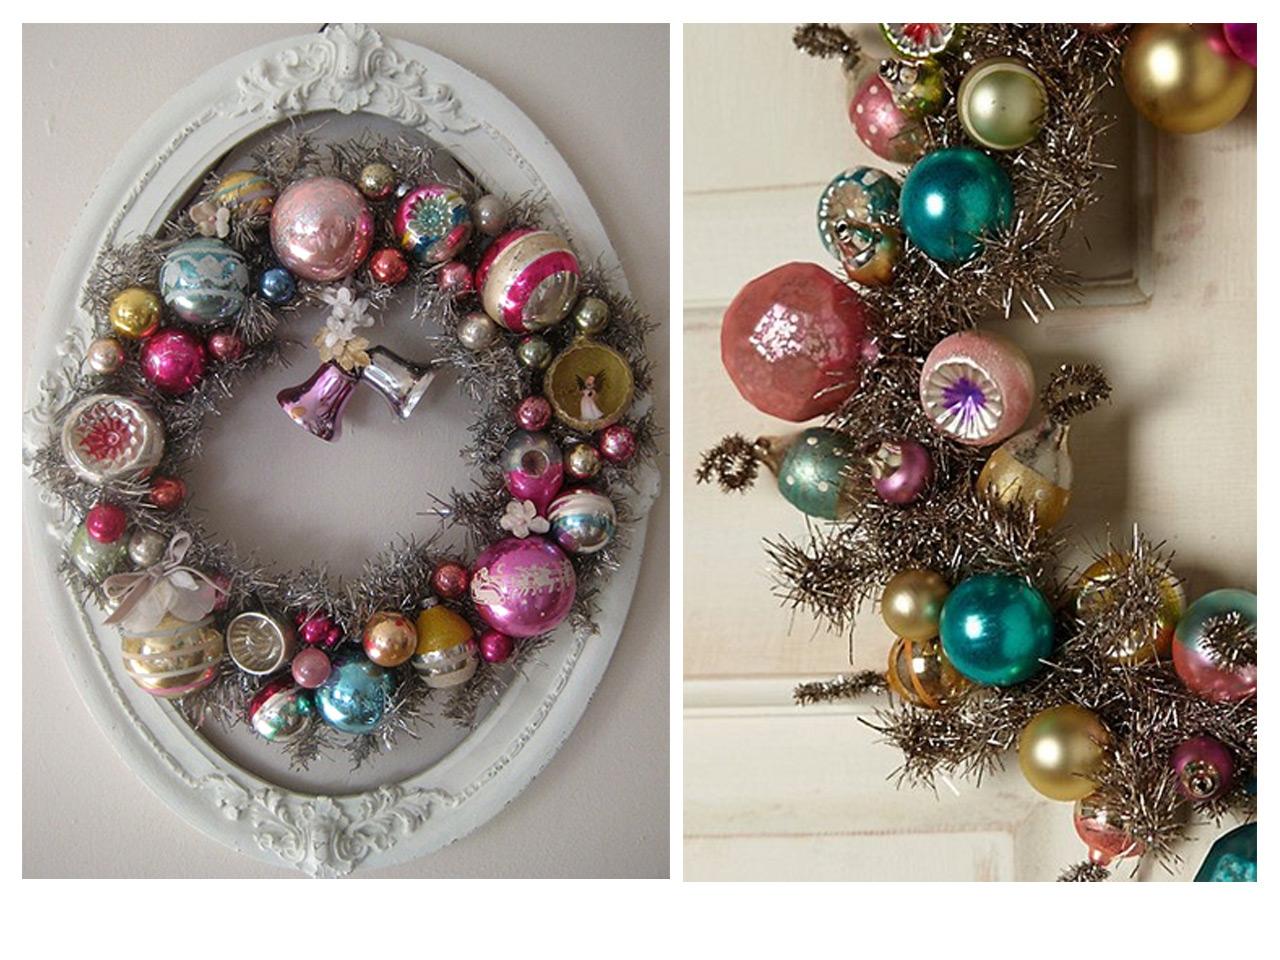 Decoraci n vintage para hacer la navidad a n m s bonita for Decoraciones rusticas para navidad